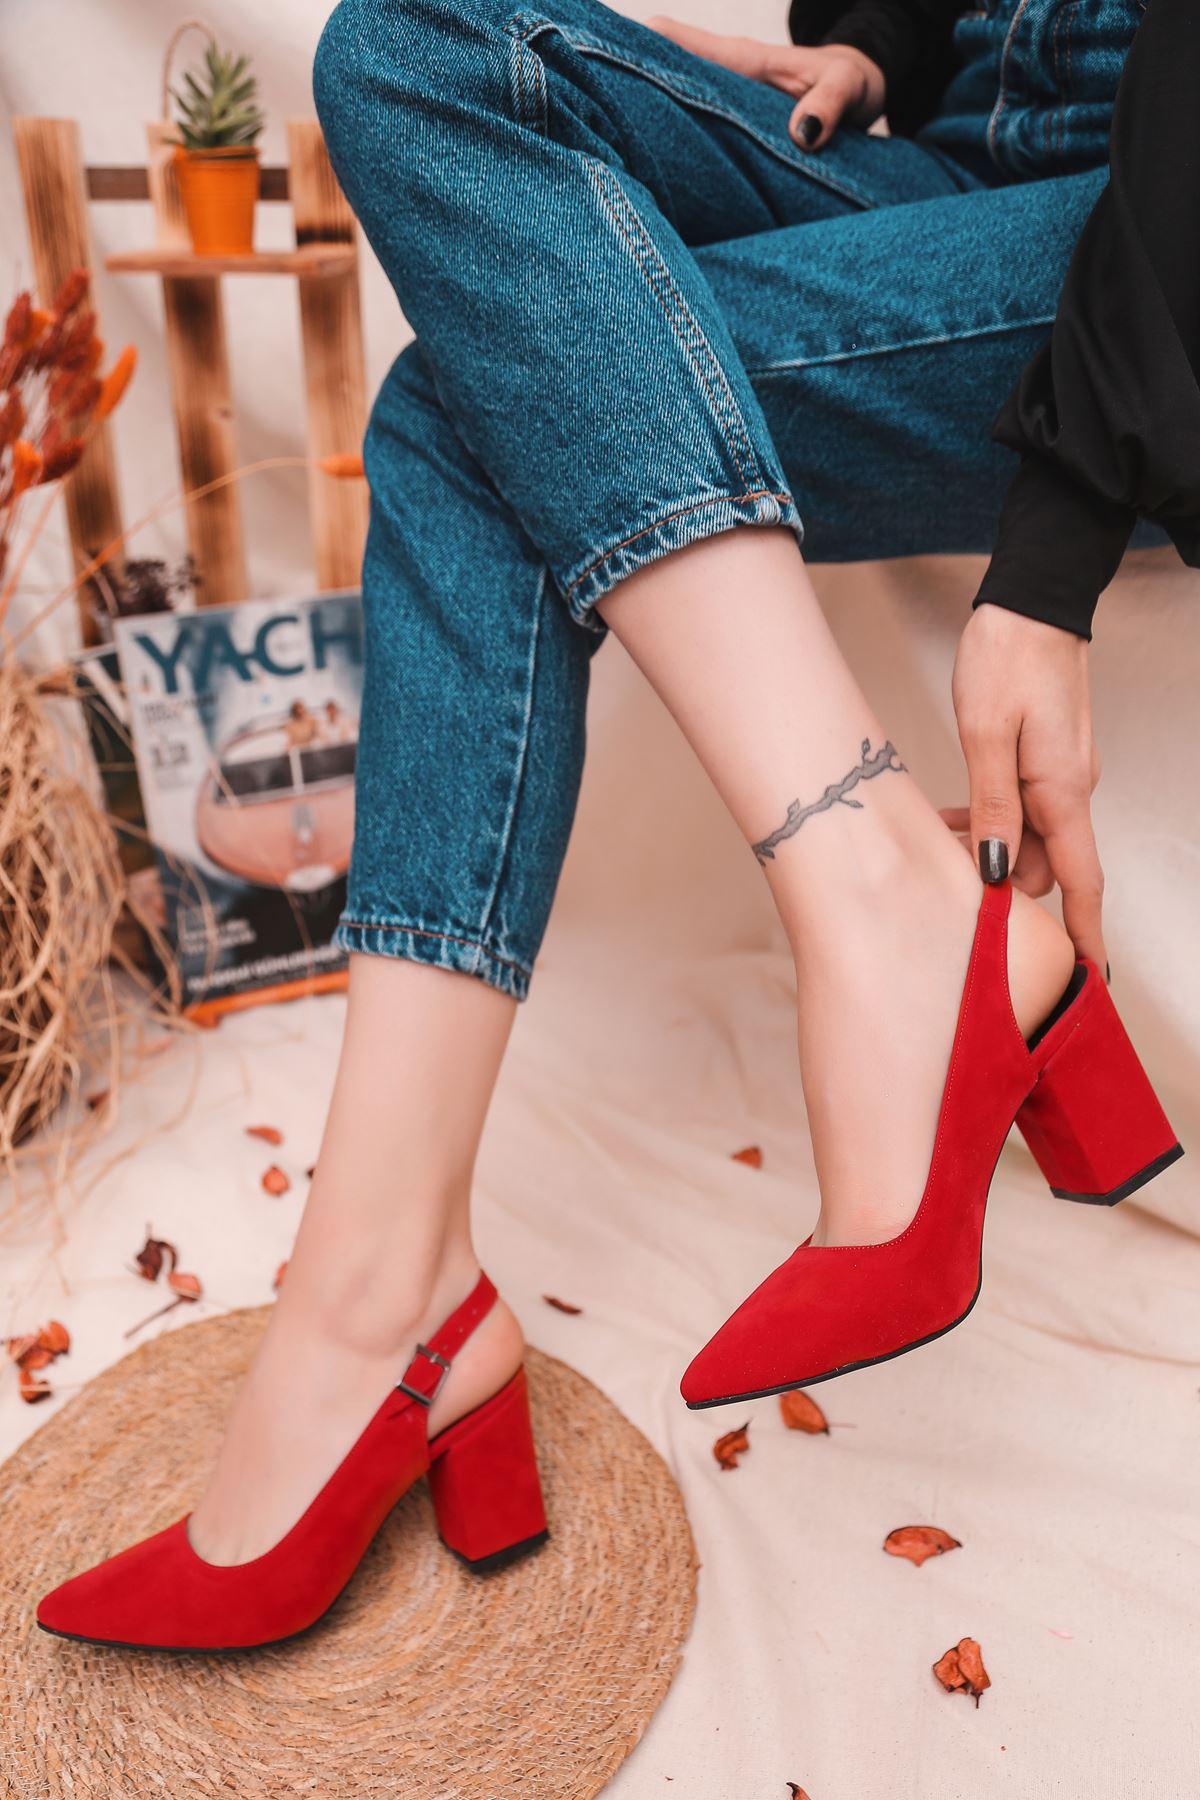 Humol Kırmızı Süet Kadın Topuklu Ayakkabı